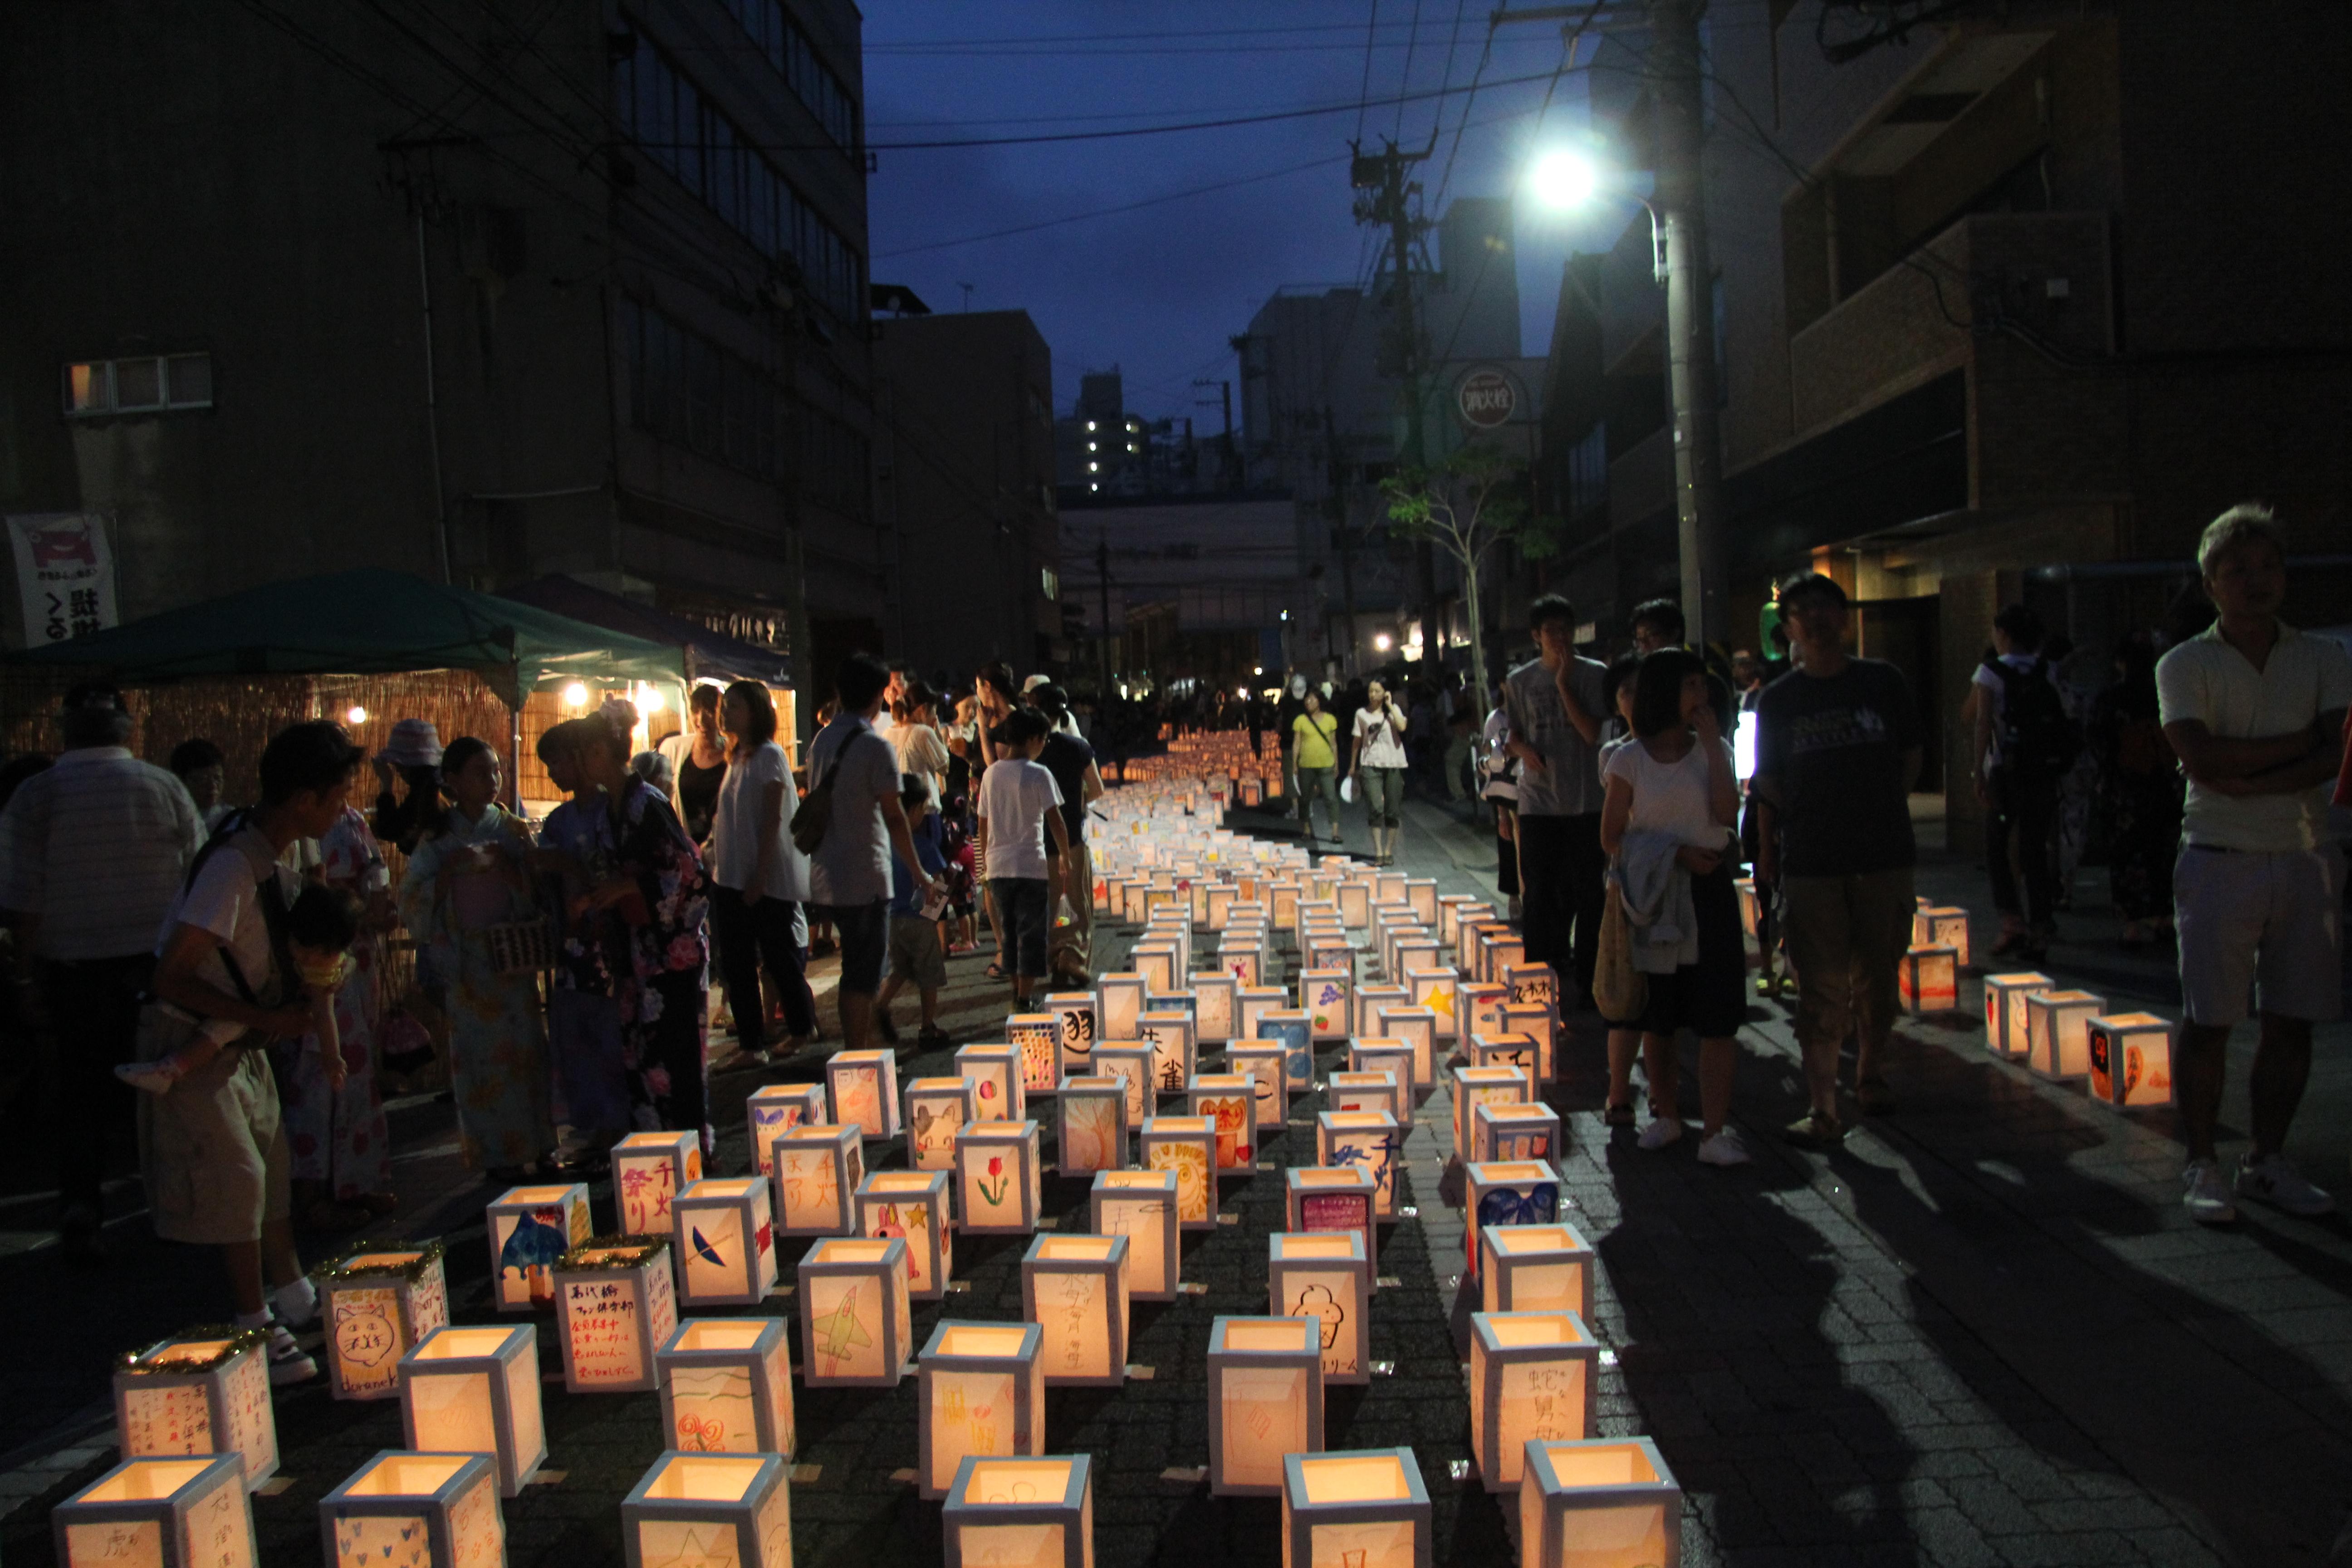 手作りの灯篭が商店街を優しく照らす。新潟市・千灯まつりに行ってきた(2015年)